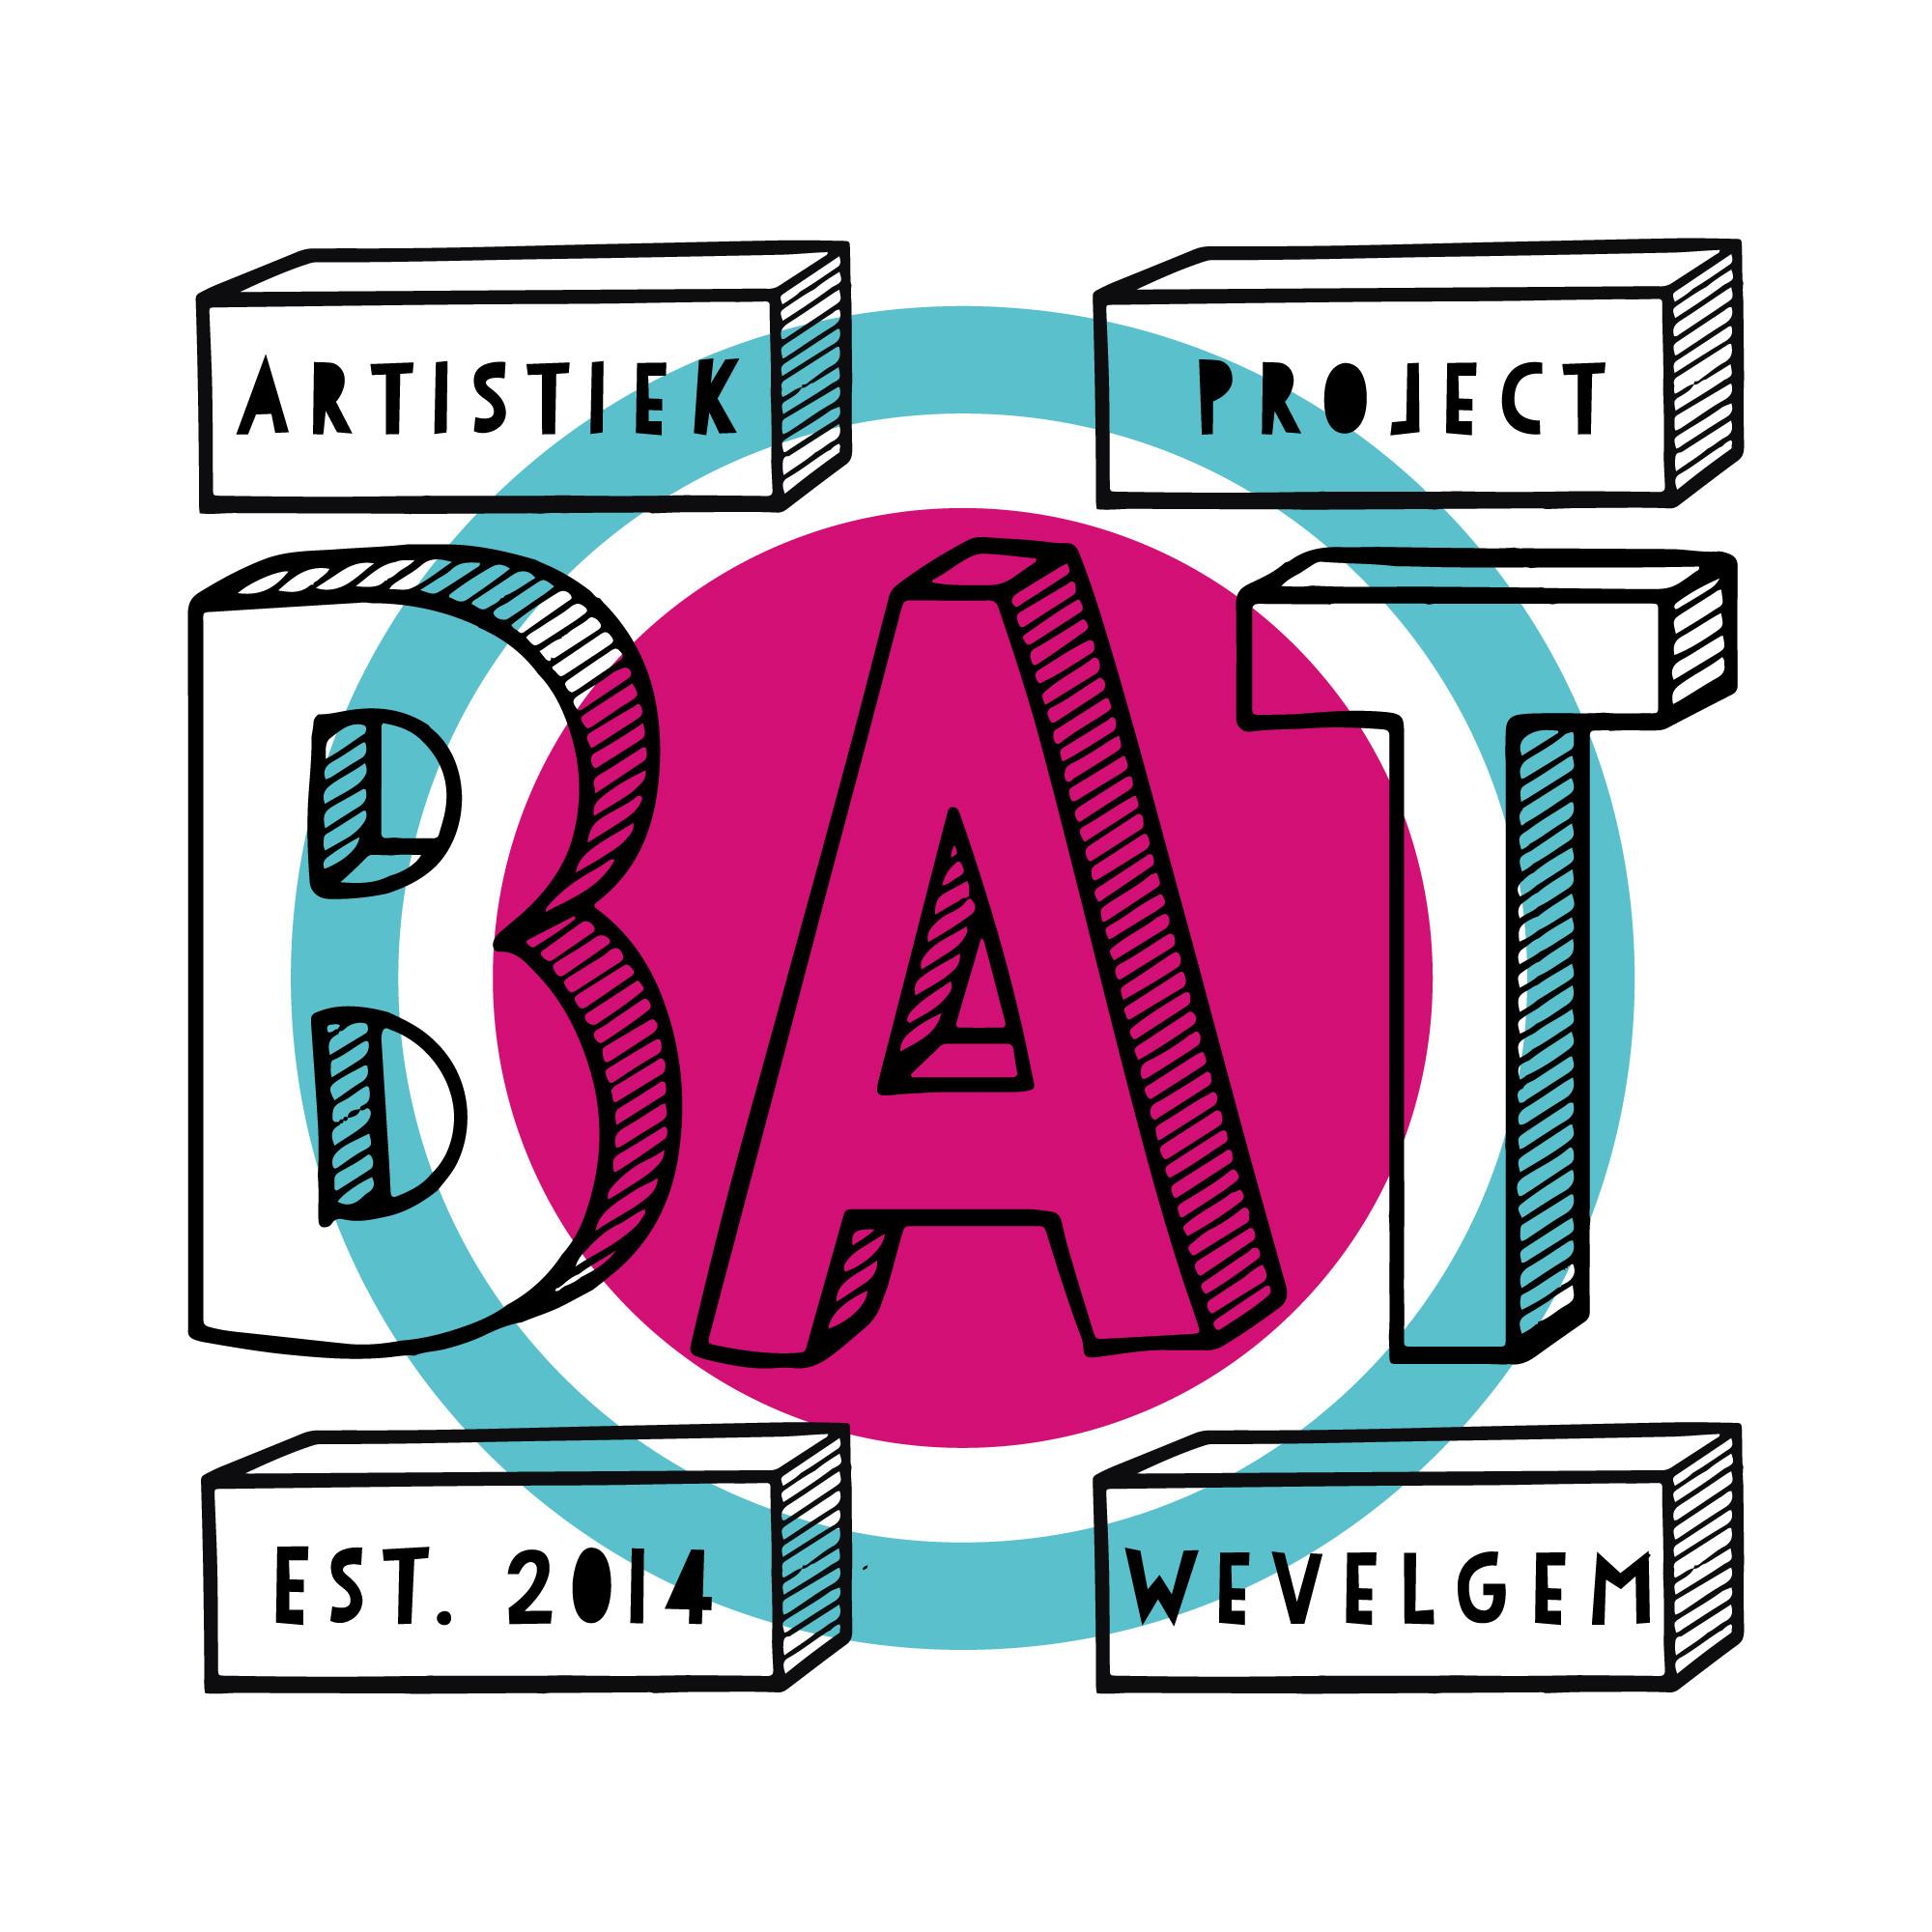 Wevelgem – BAT